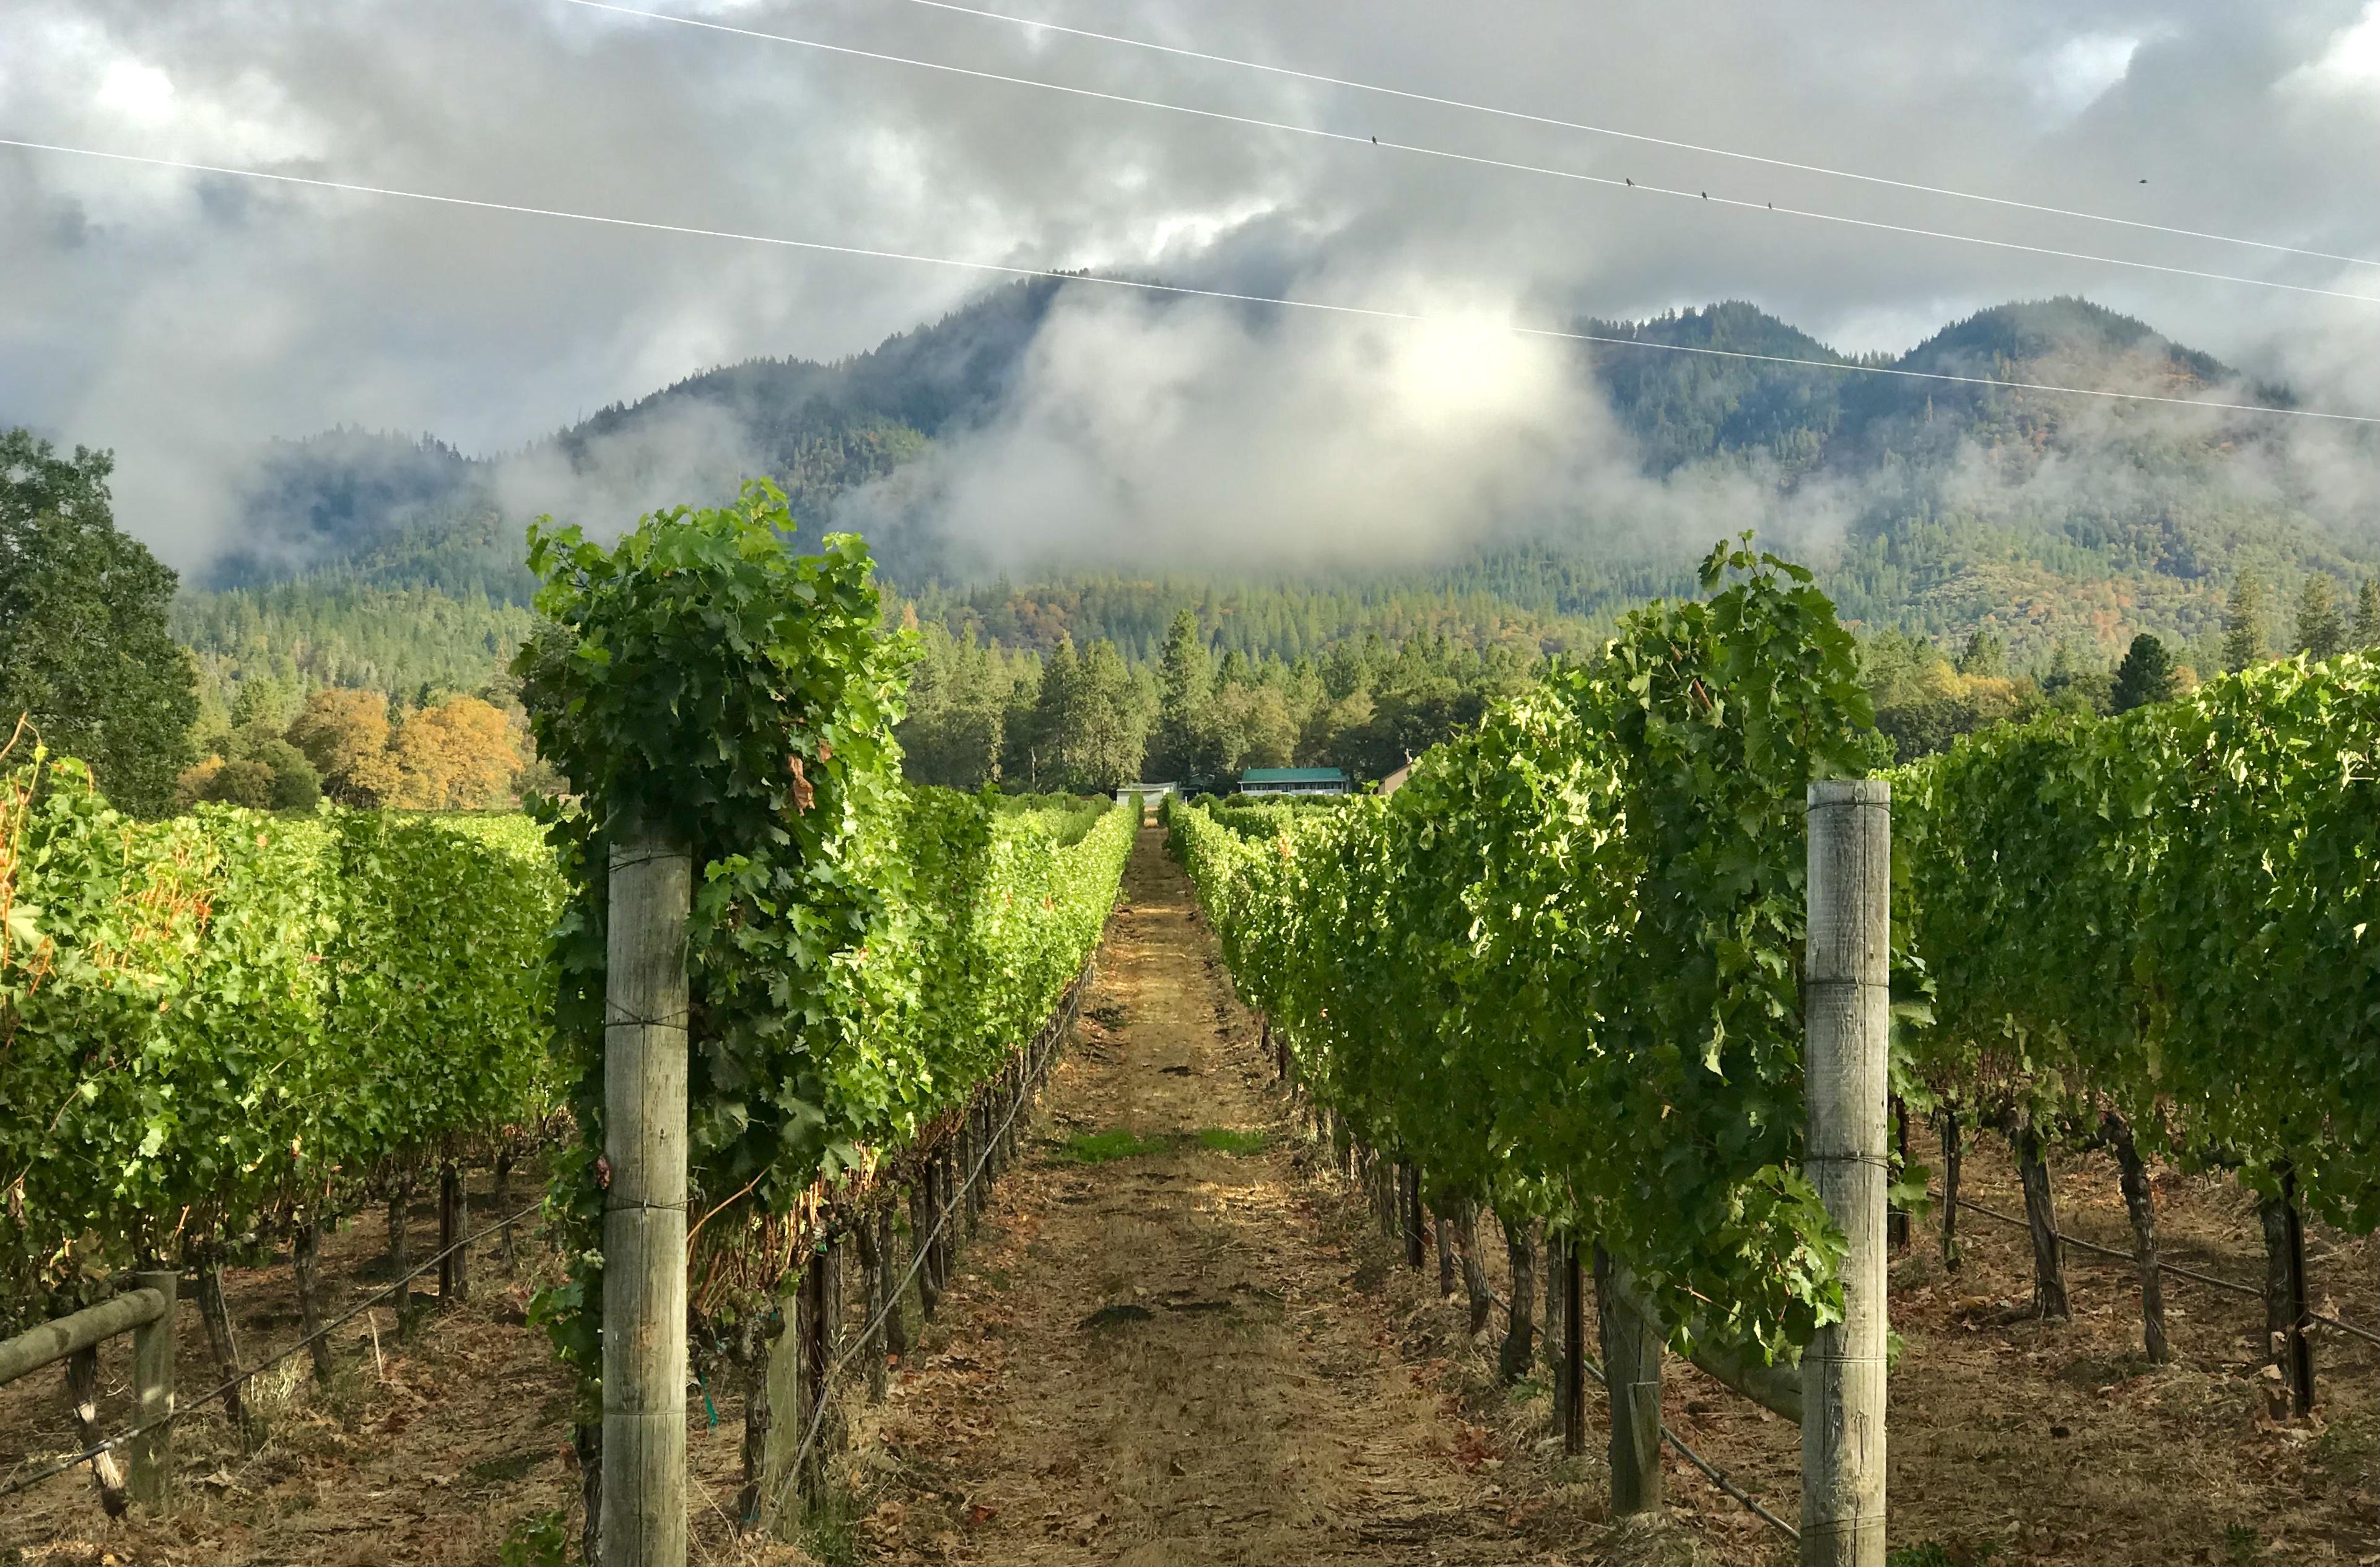 Mist hangs over rows of vines in a vineyard.